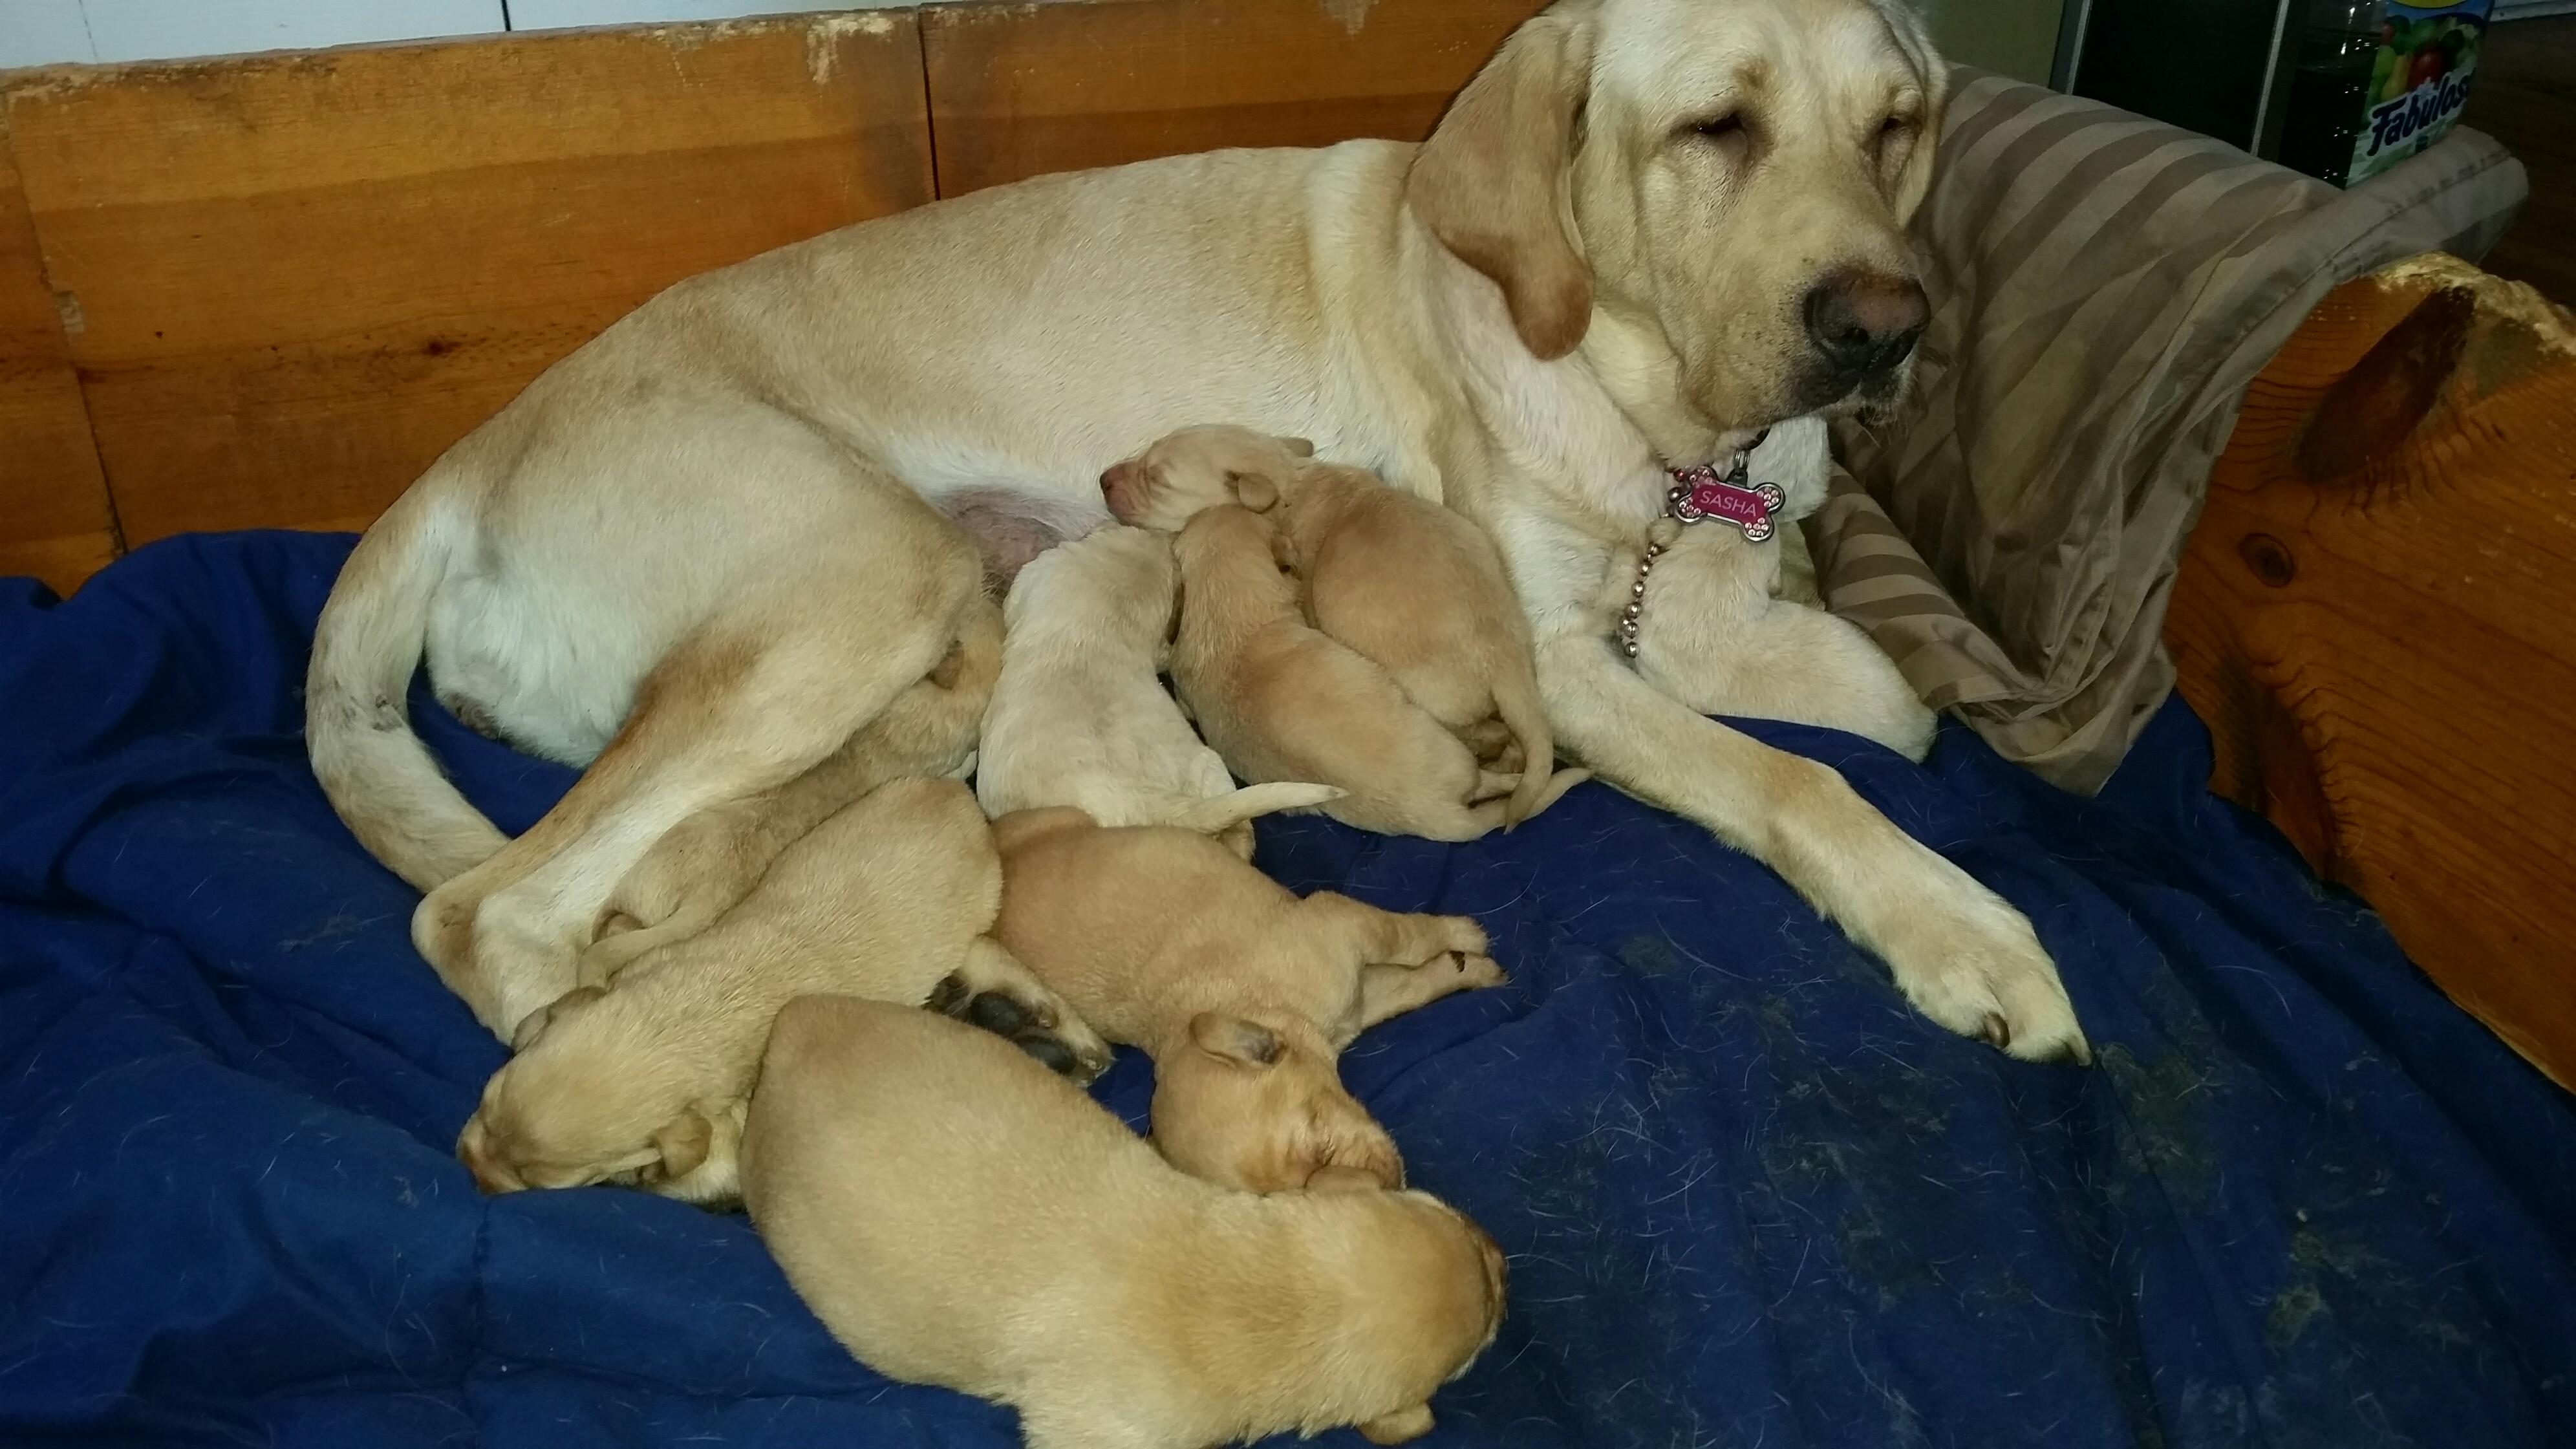 Sasha with her newborn litter